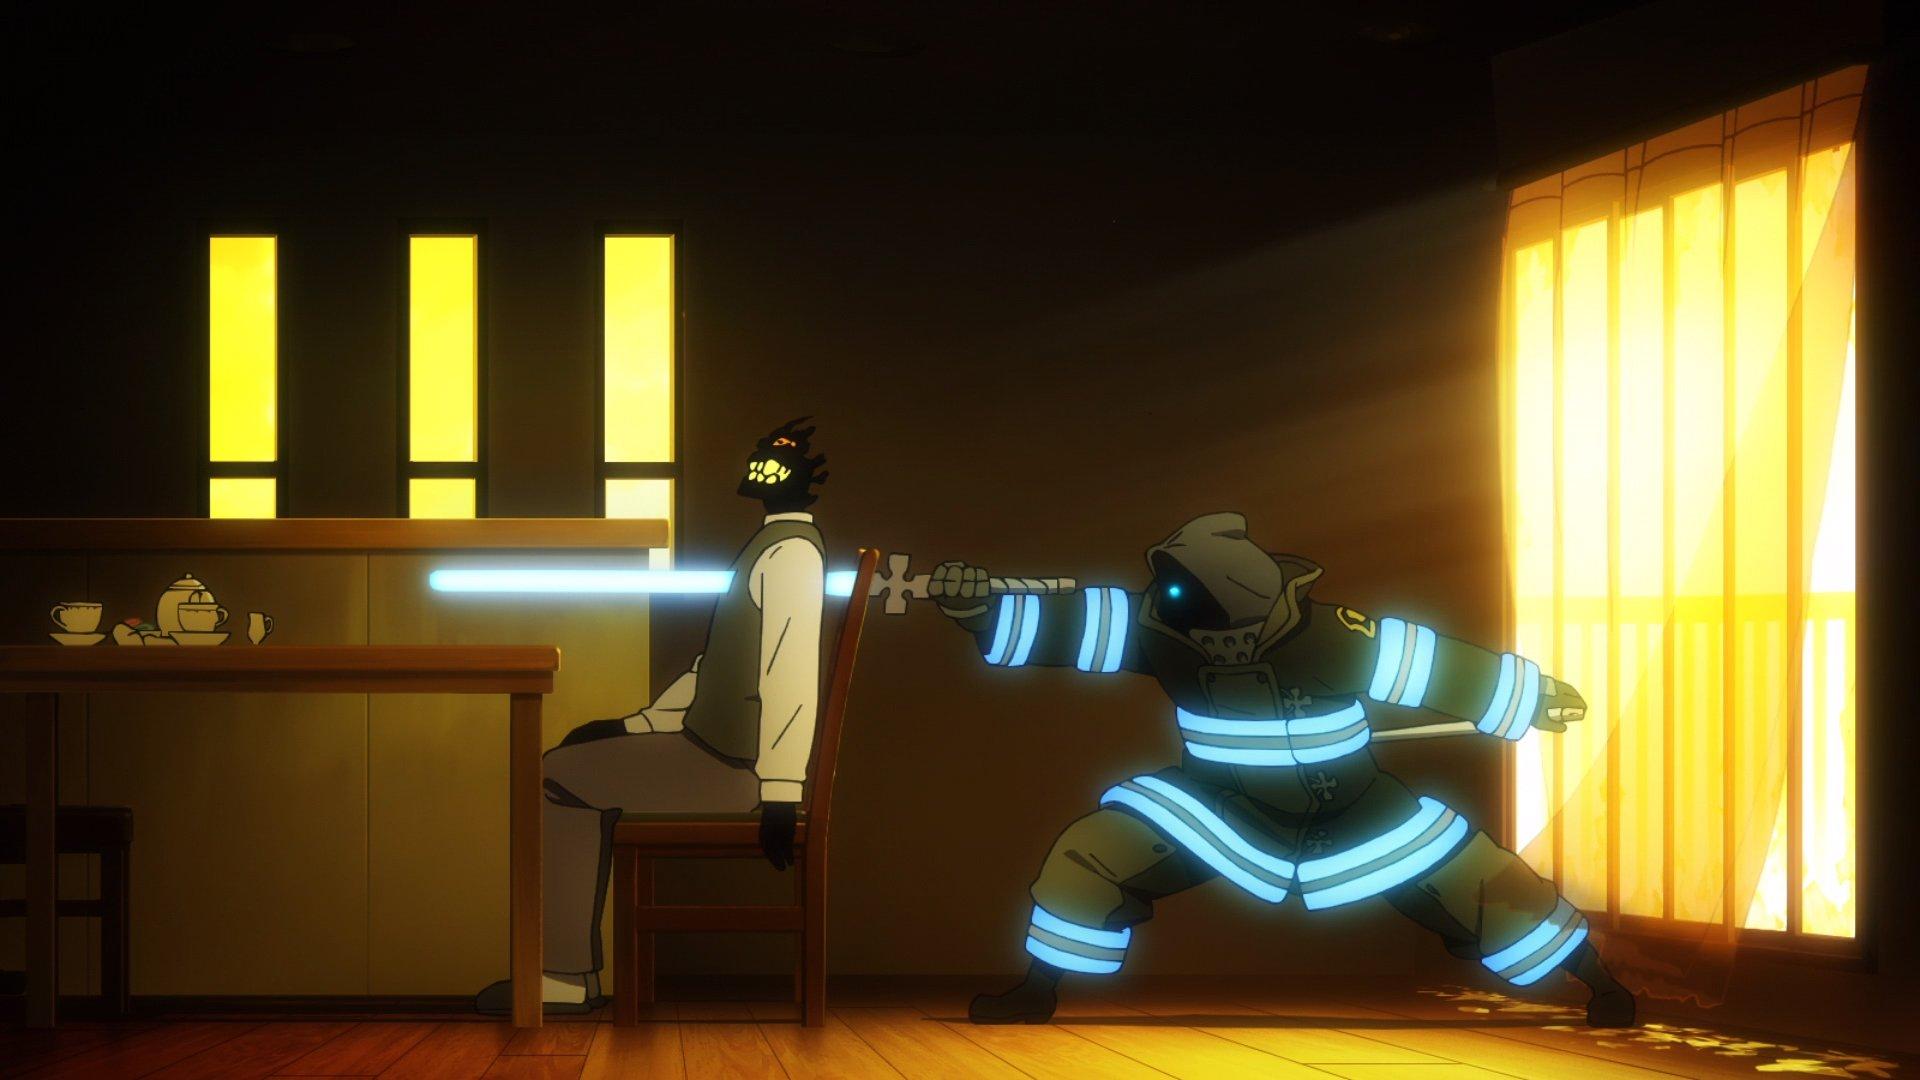 Fire Force Primeira Temporada Review 3